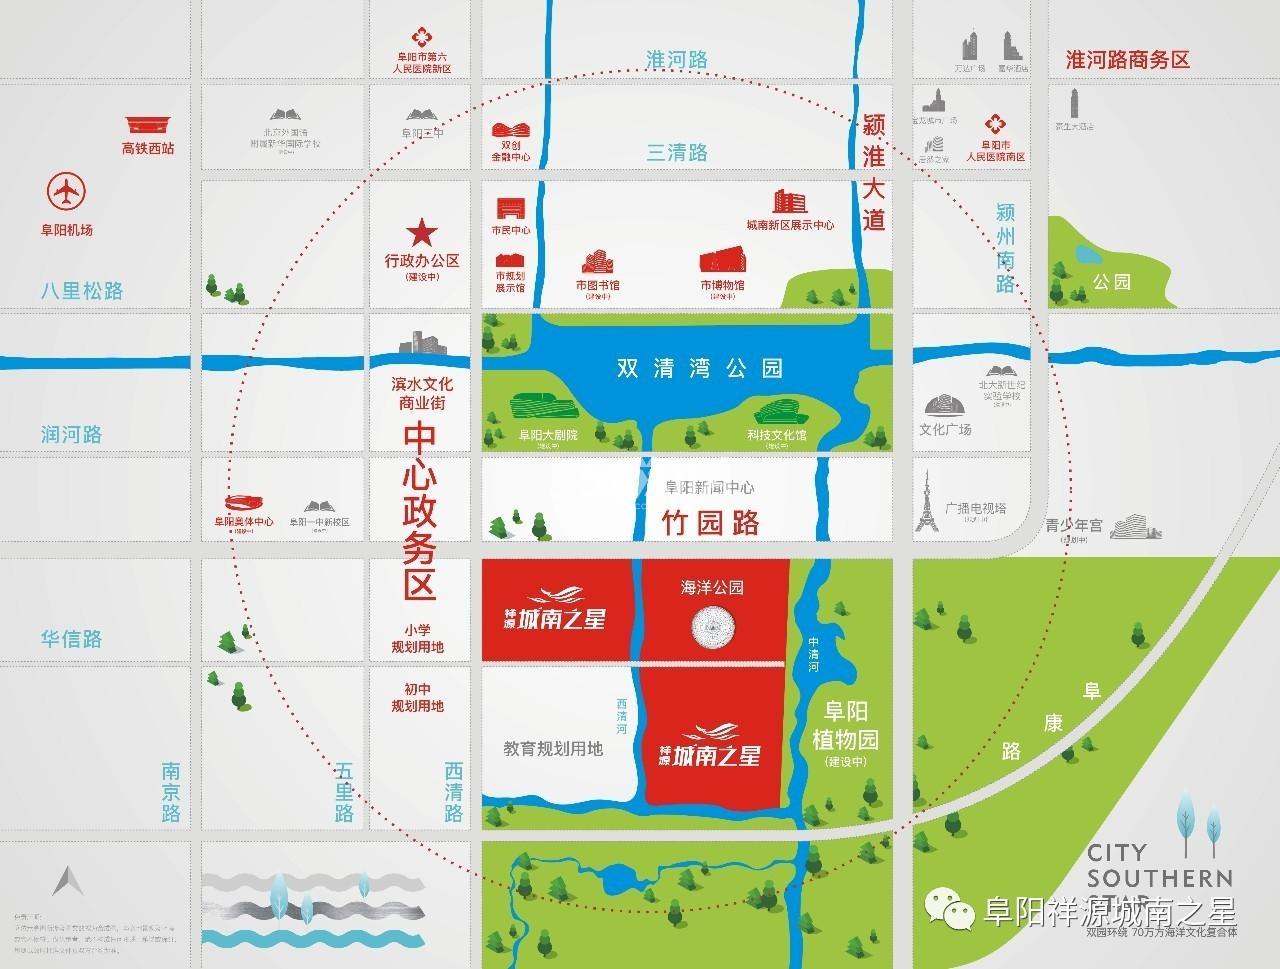 祥源·城南之星交通图